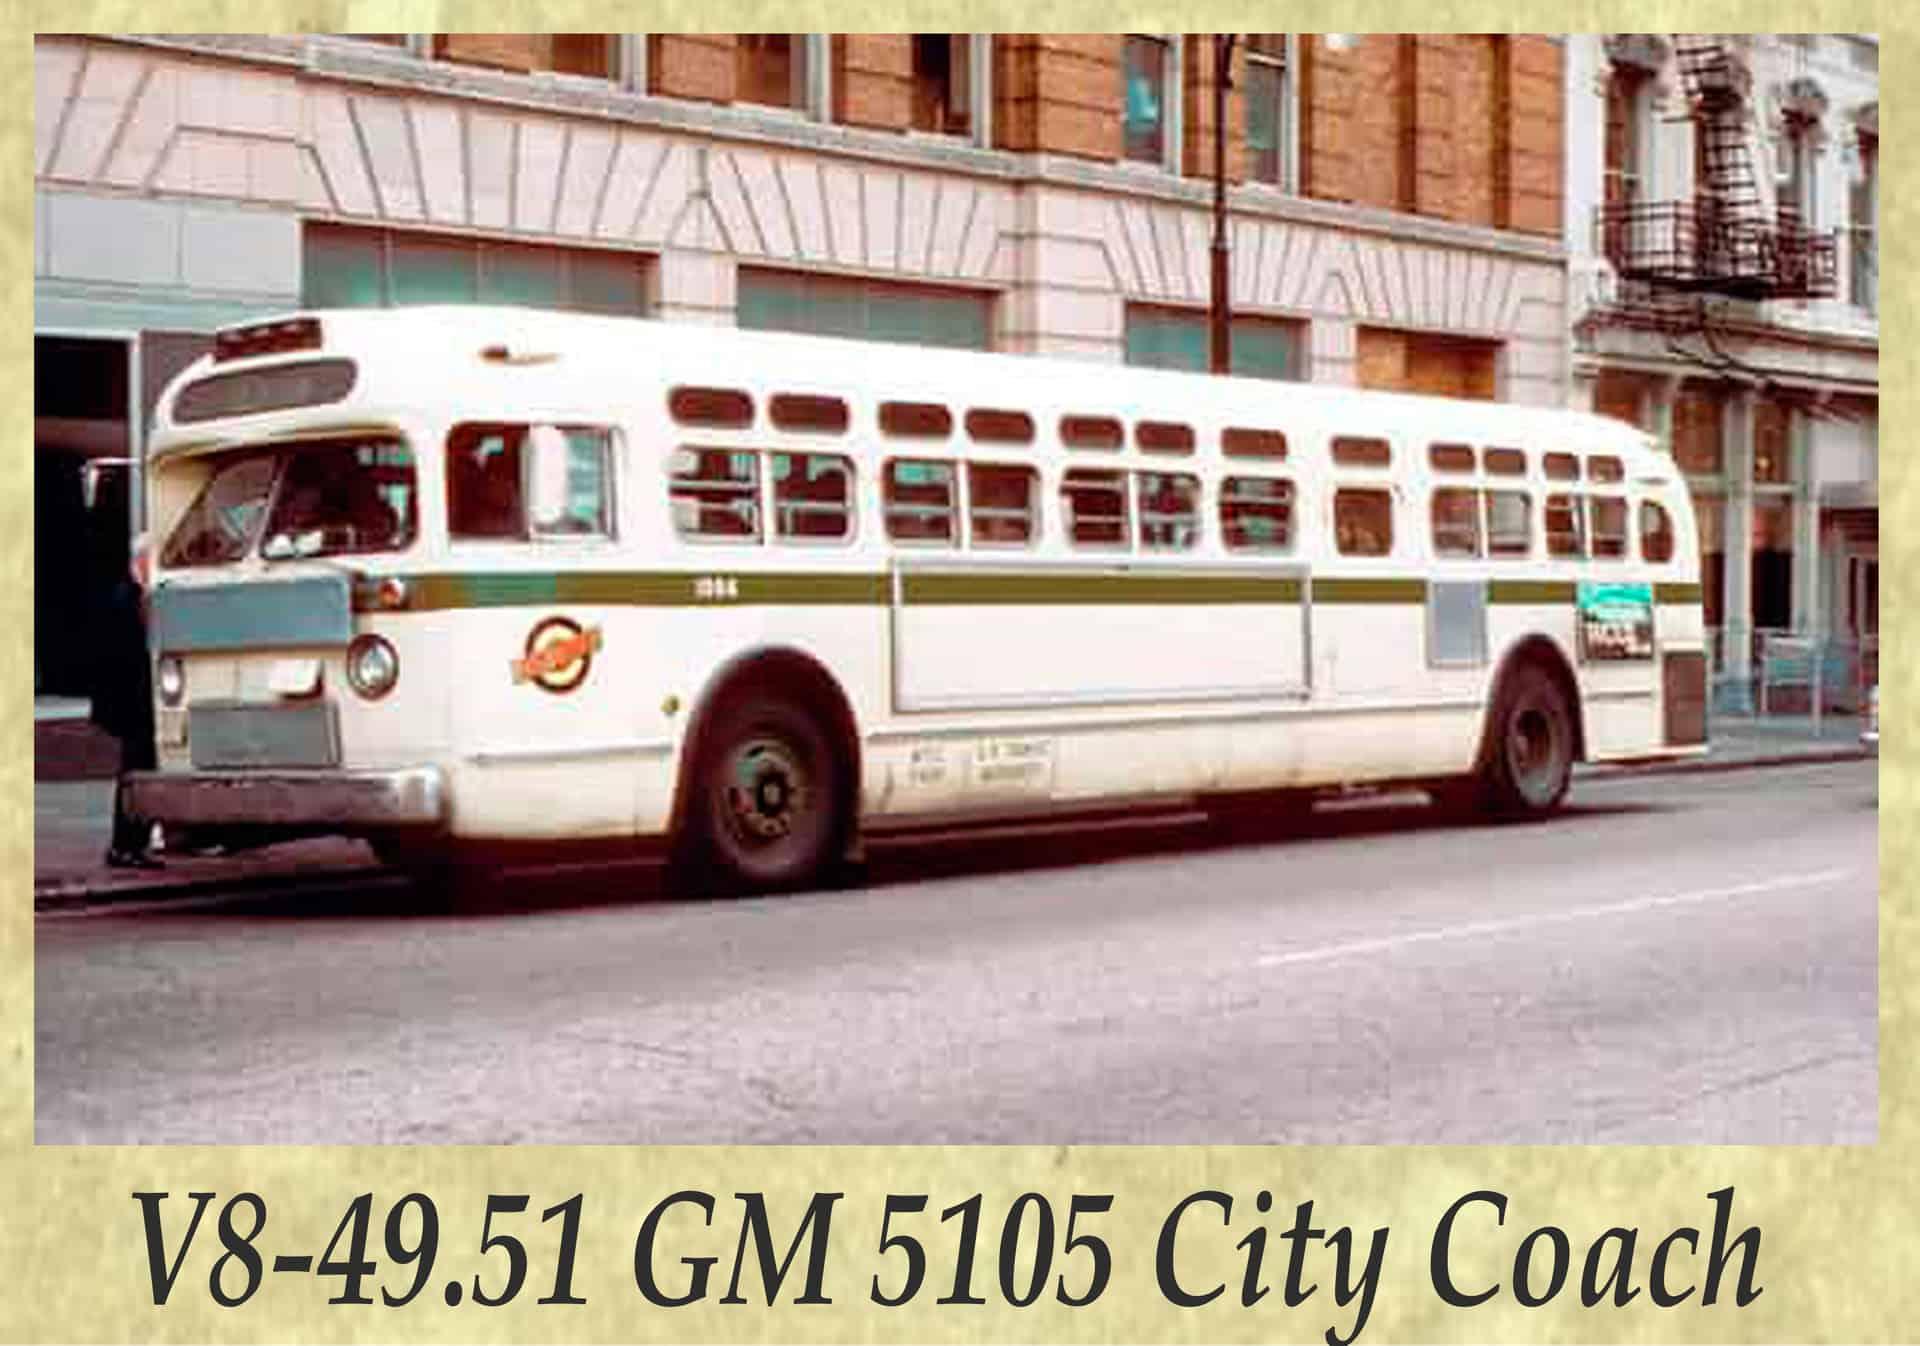 V8-49.51 GM 5105 City Coach